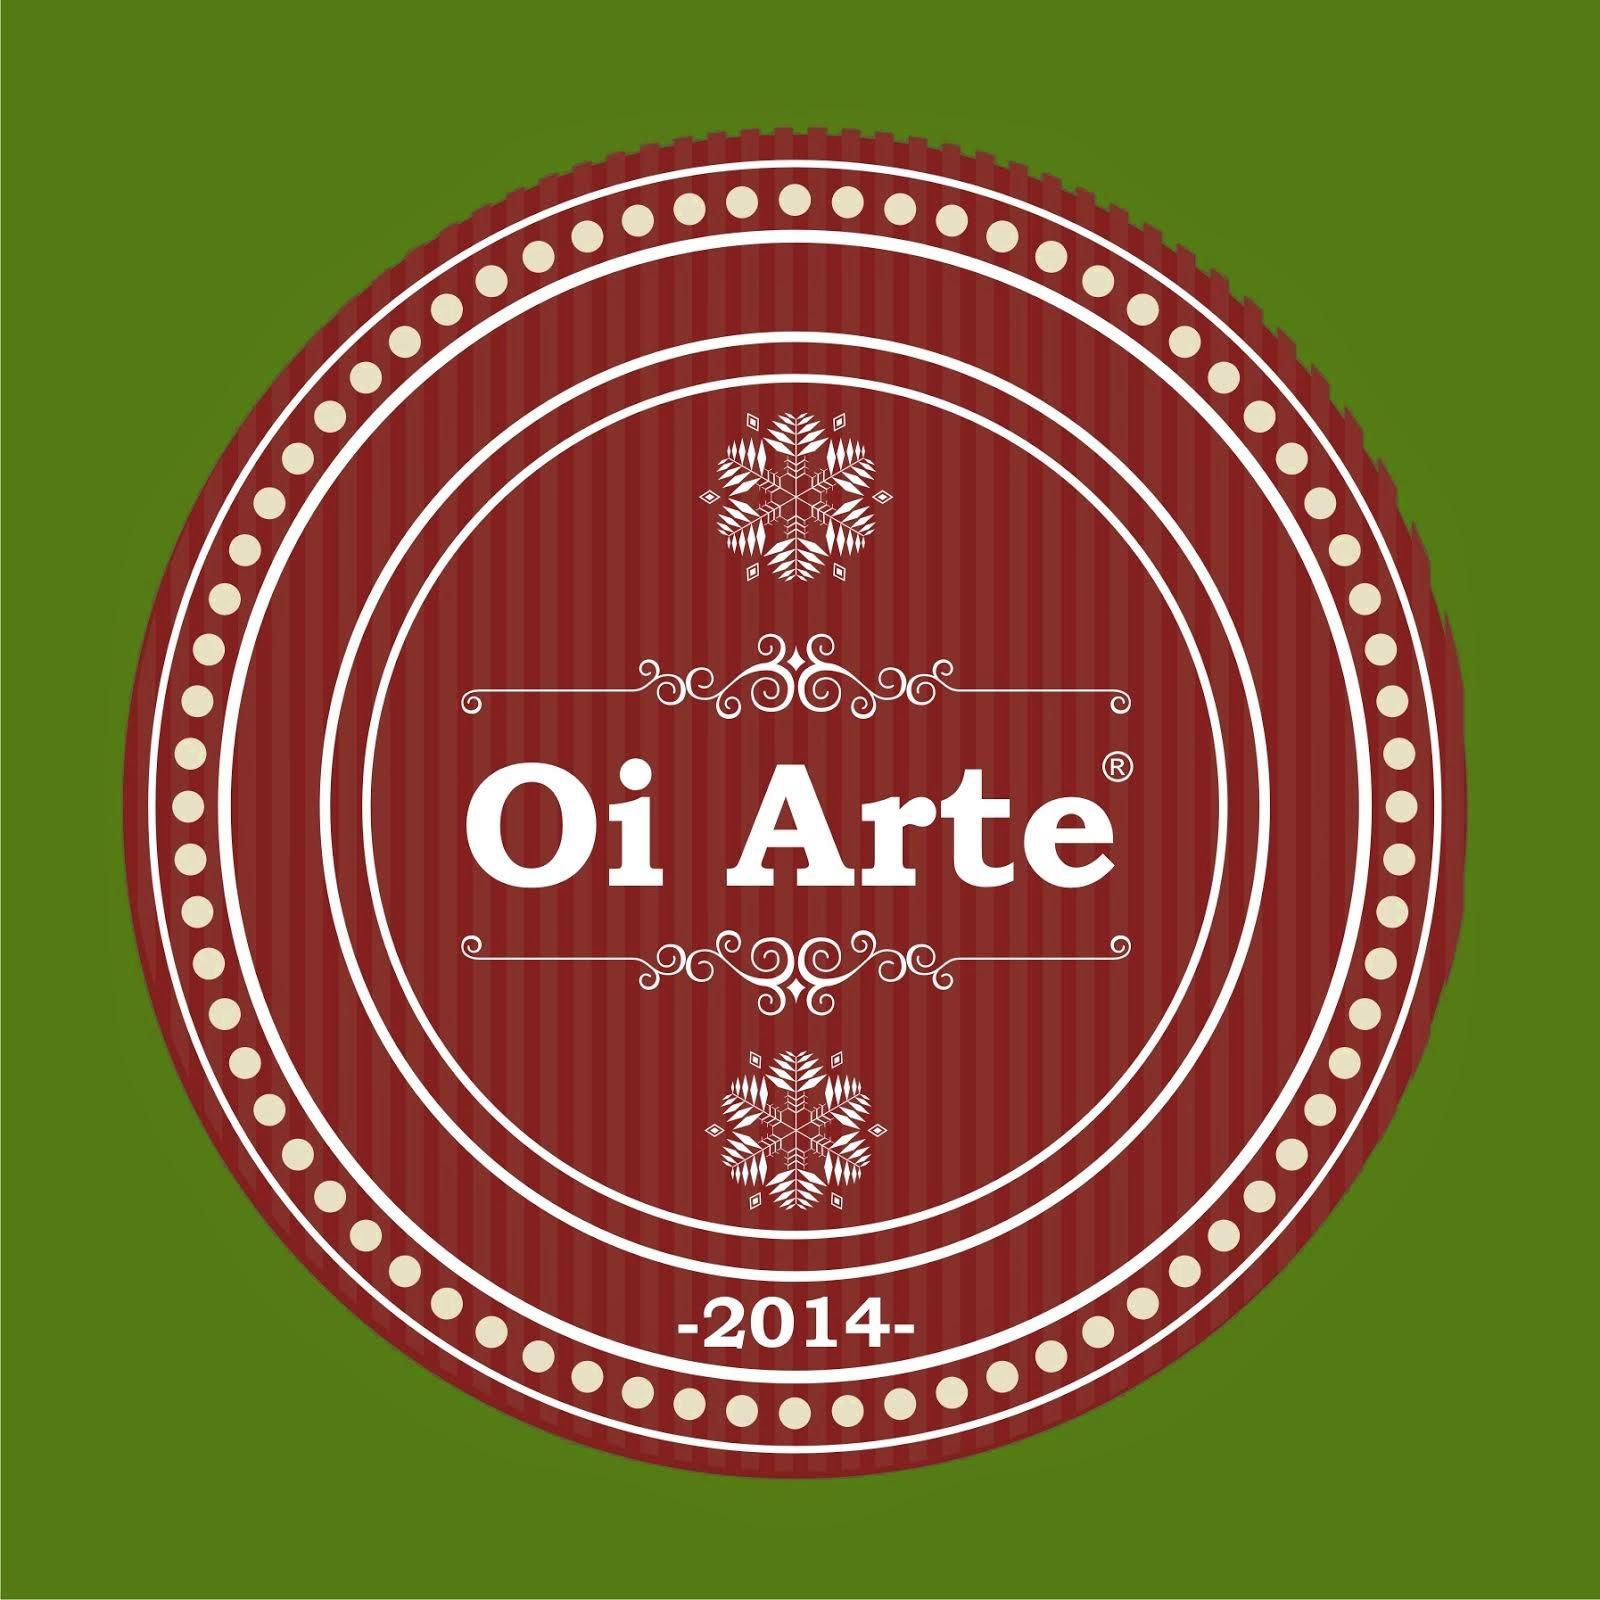 Oi Arte 2014